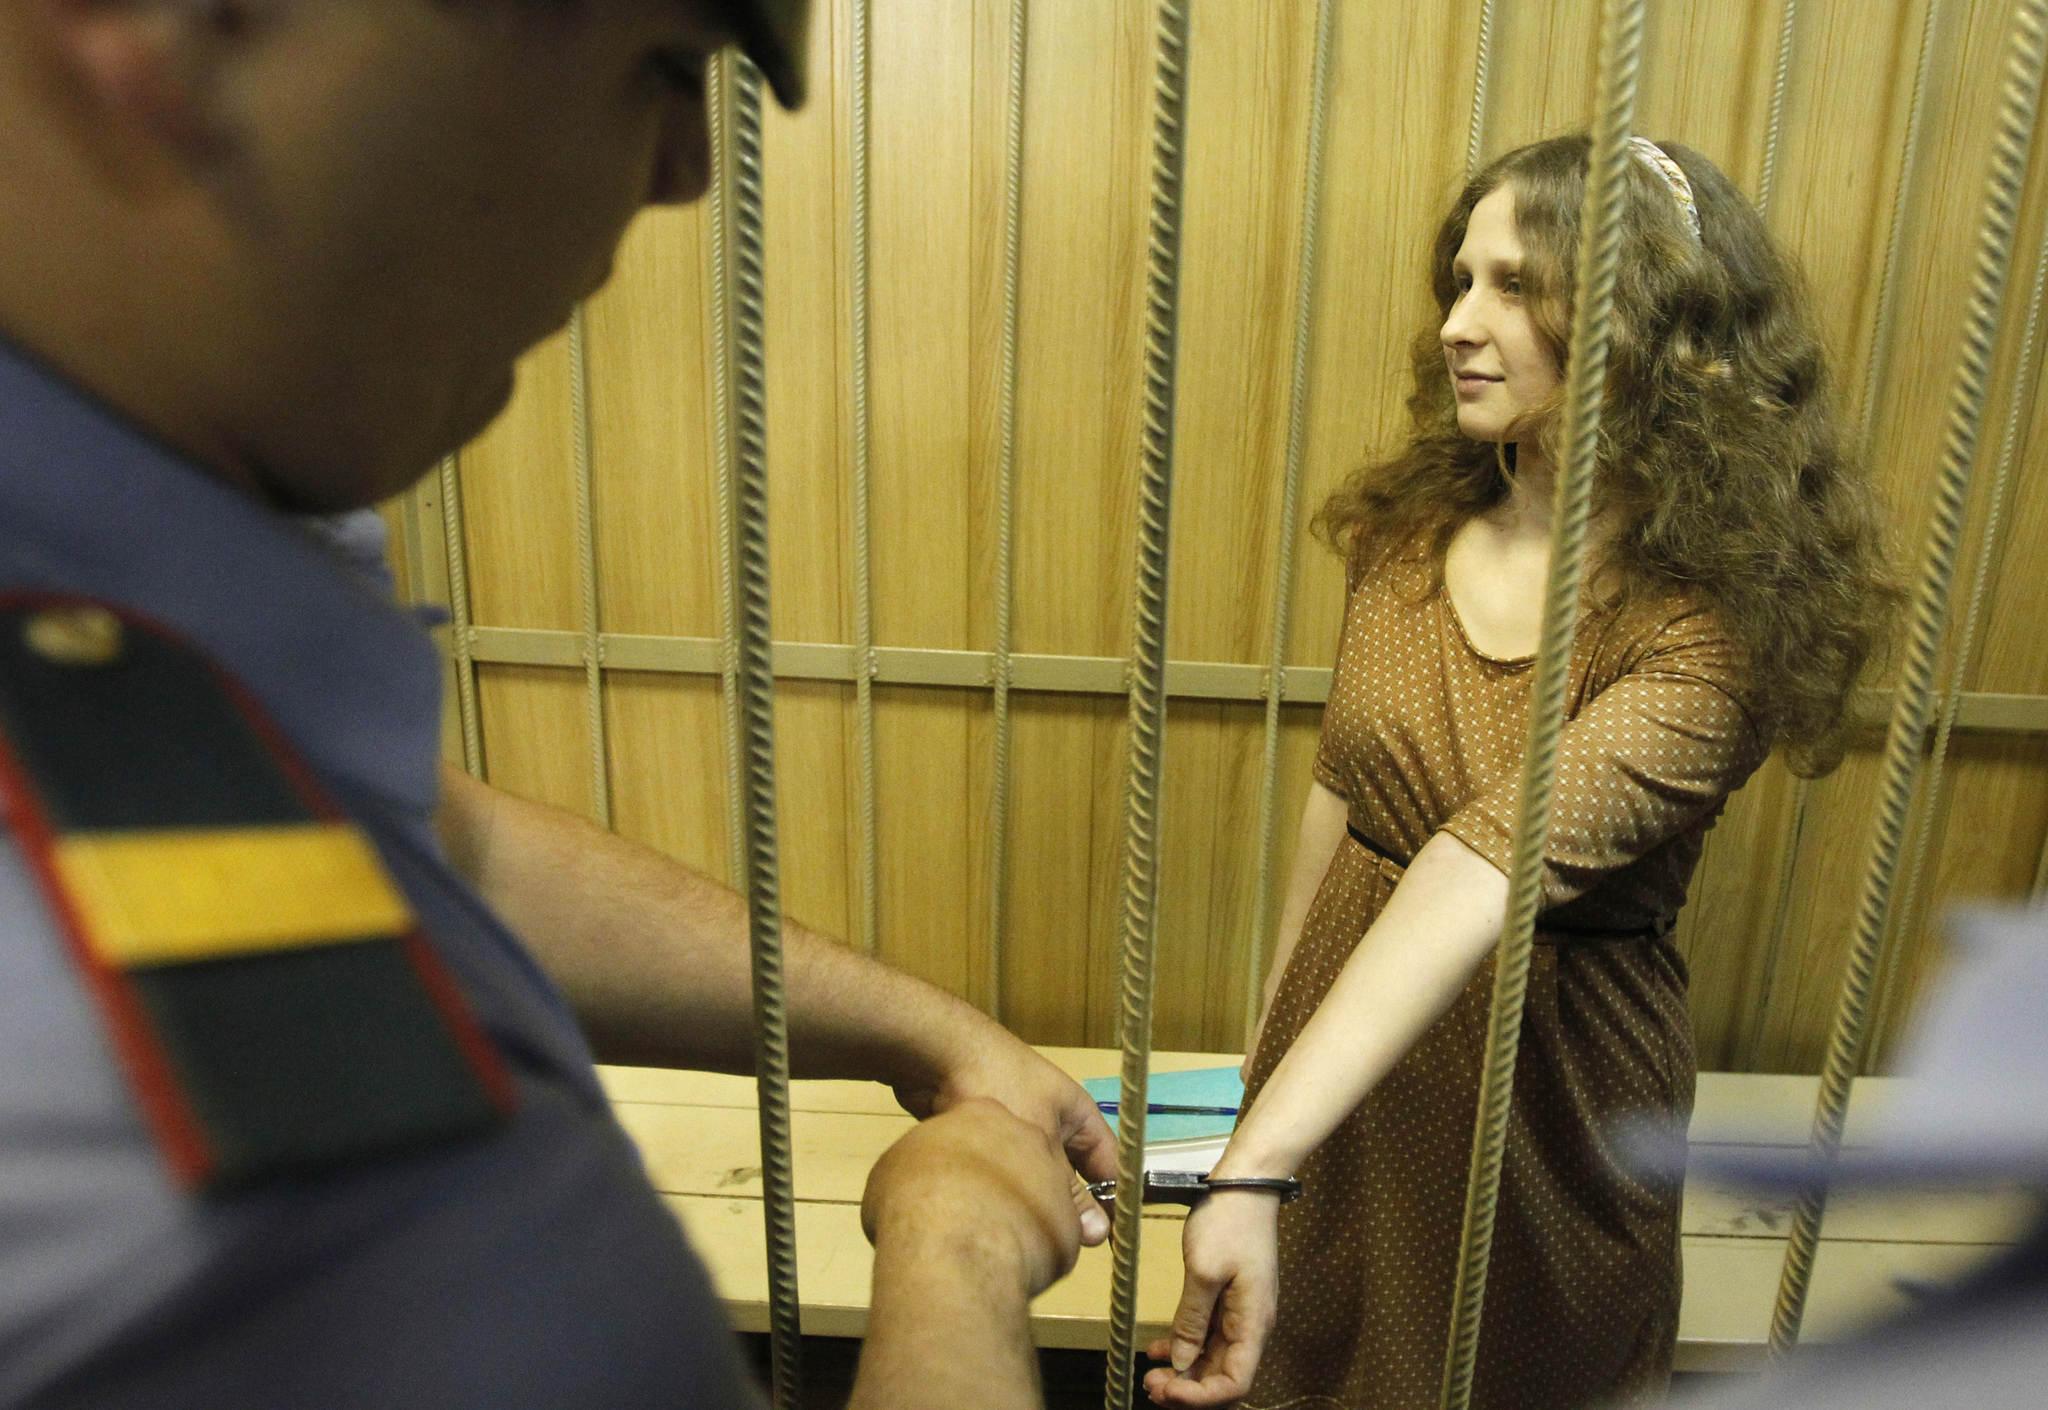 Девушки в тюрьме в наручниках видео, предметы в попку онлайн